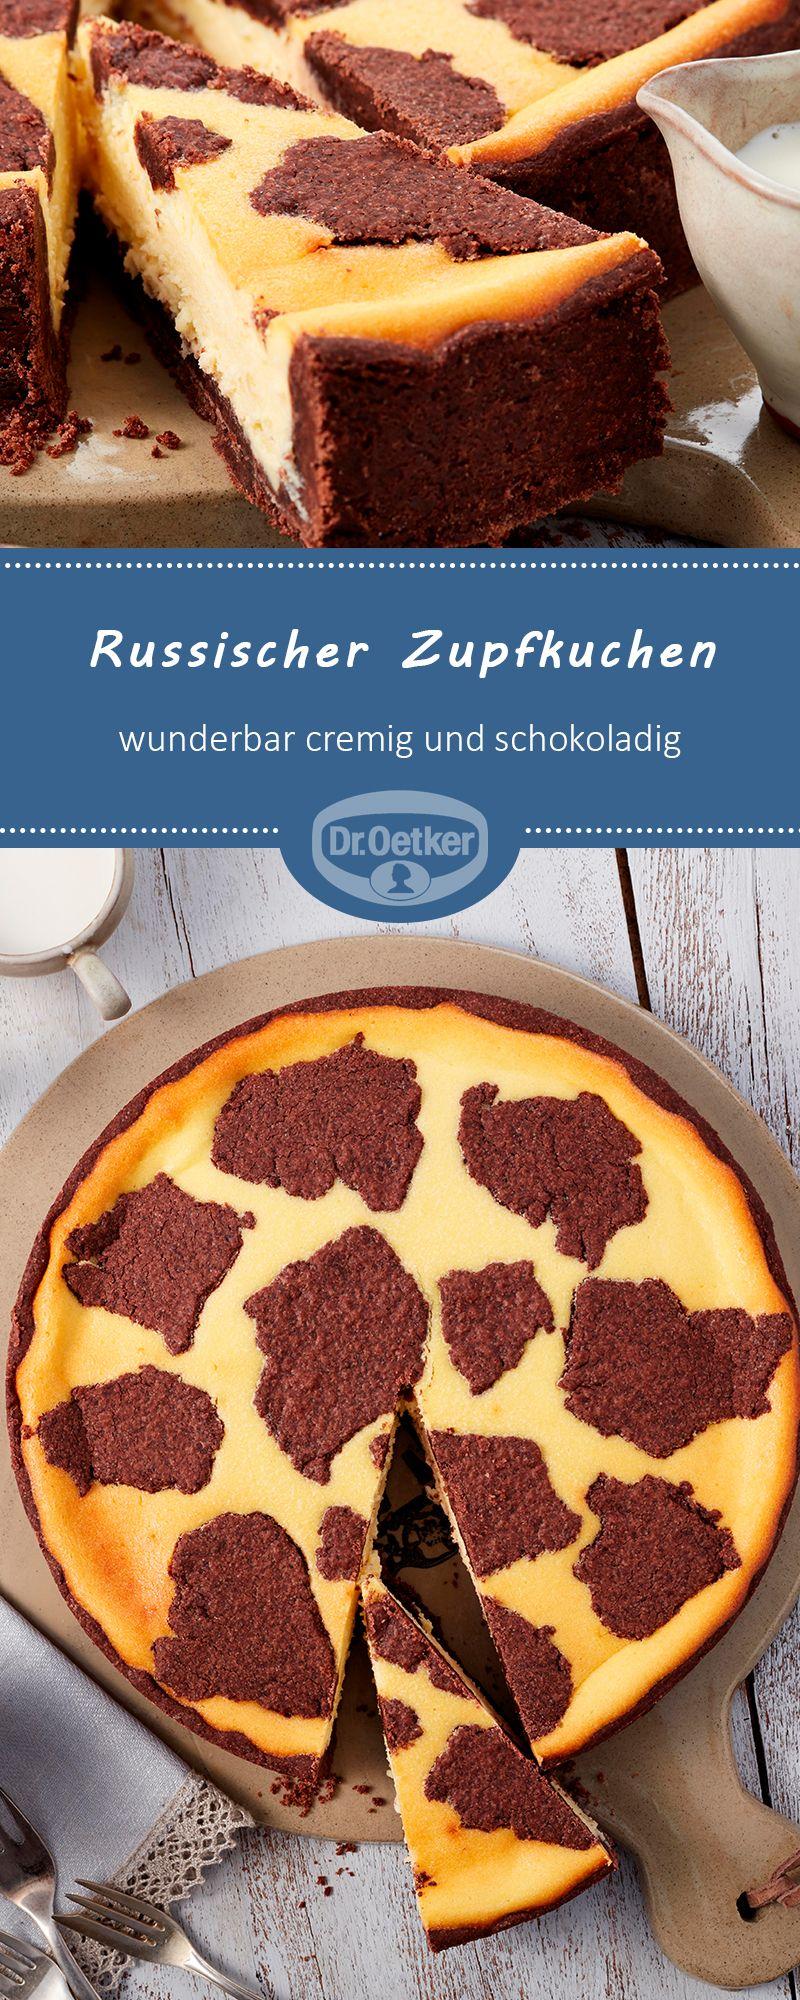 Russischer Zupfkuchen: Ein klassischer und beliebter Käsekuchen #lecker #selberbacken #kaffeetafel #cakefrosting